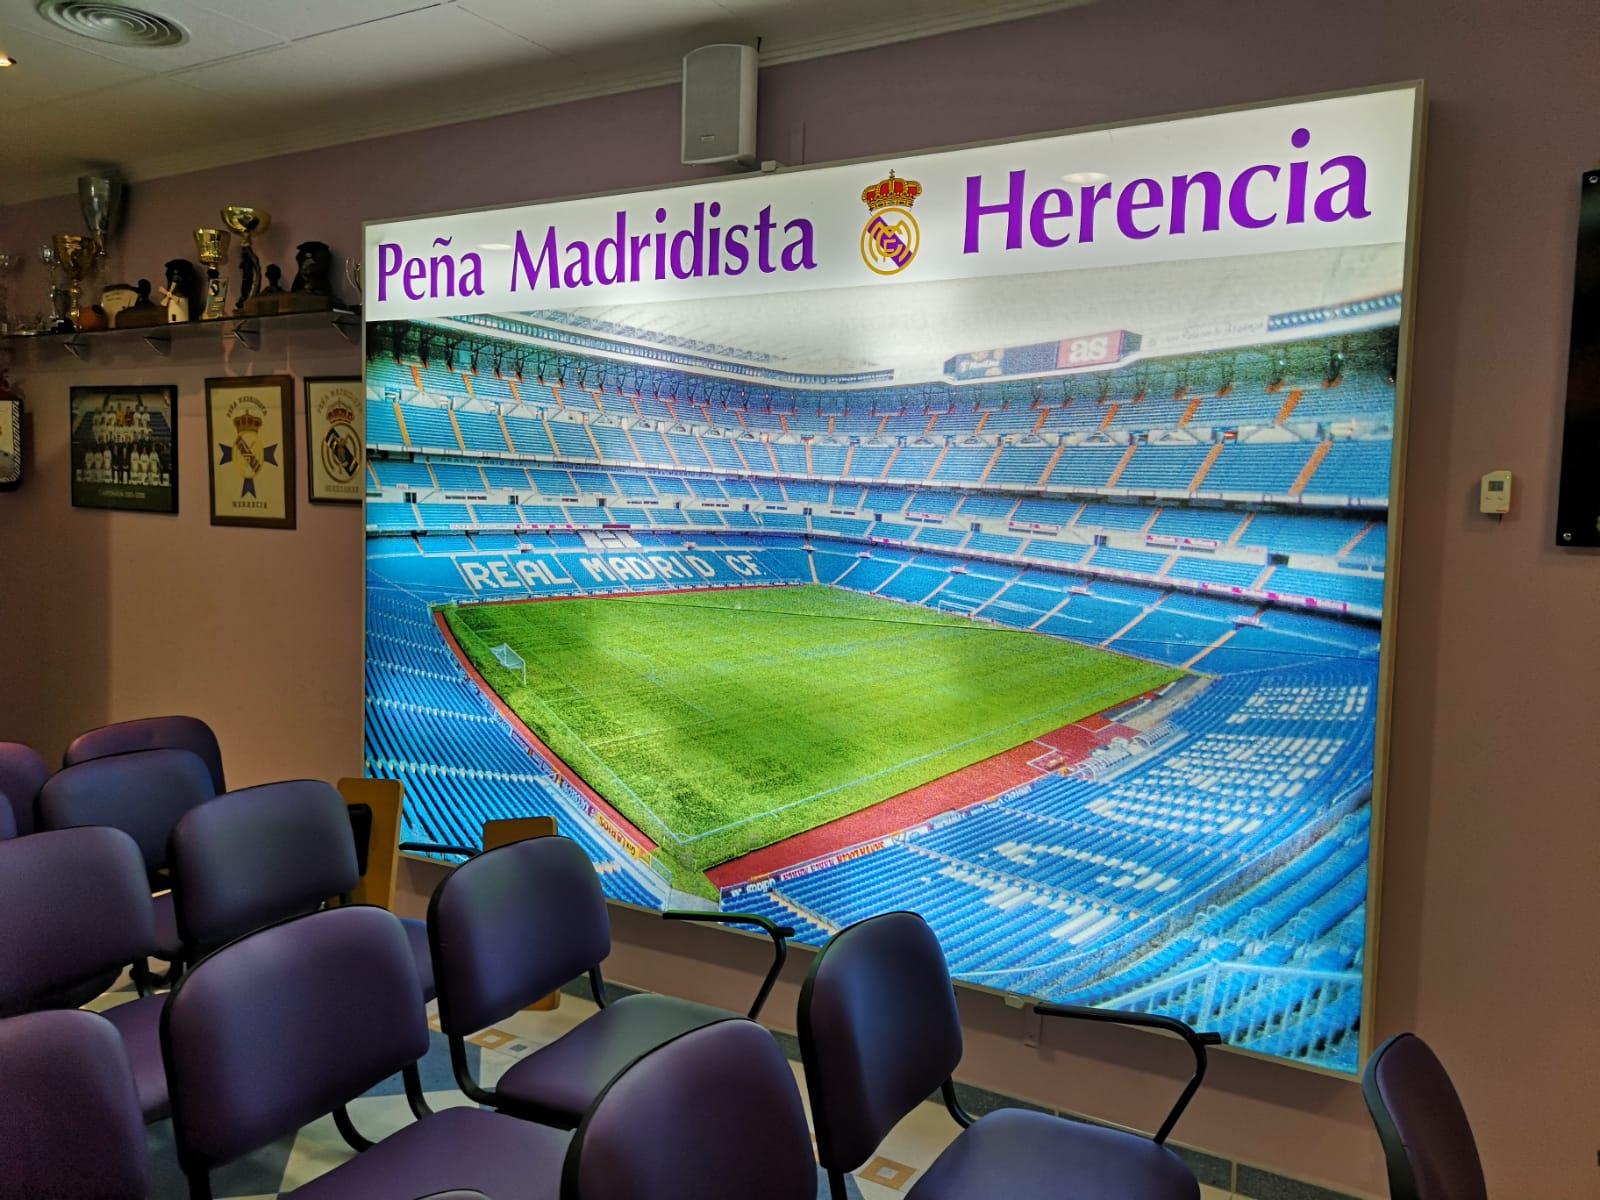 pe%C3%B1a madridista Herencia - La peña Madridista Herencia celebra su 25 aniversario con una gran cena